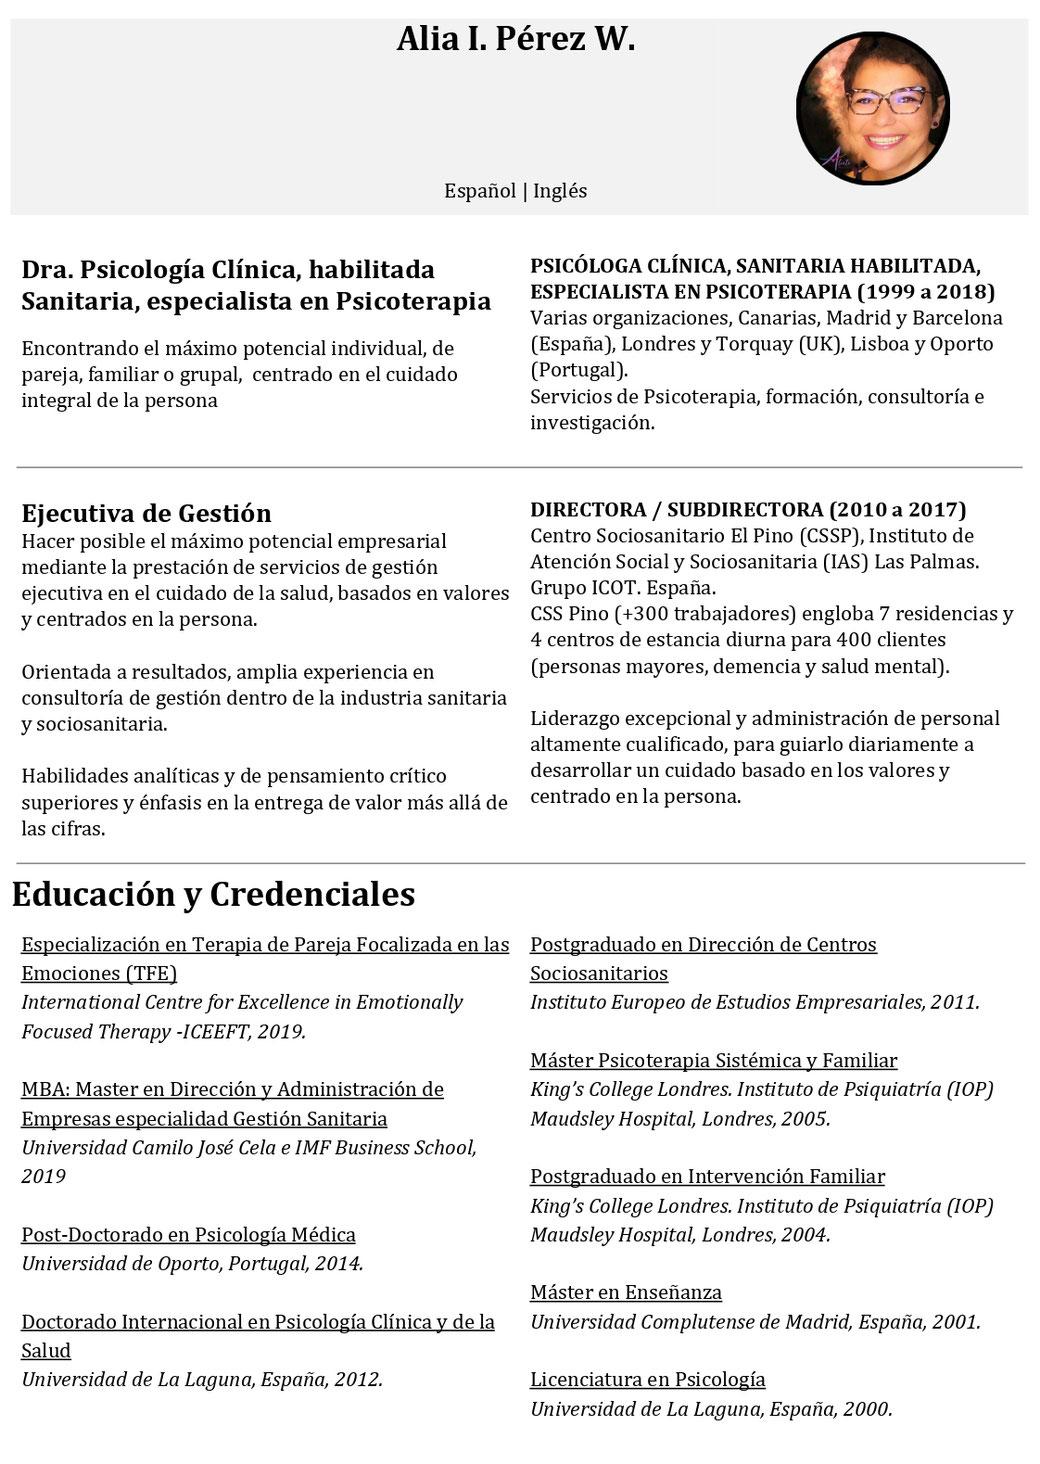 CV Alia Pérez - Alíate Psicólogos